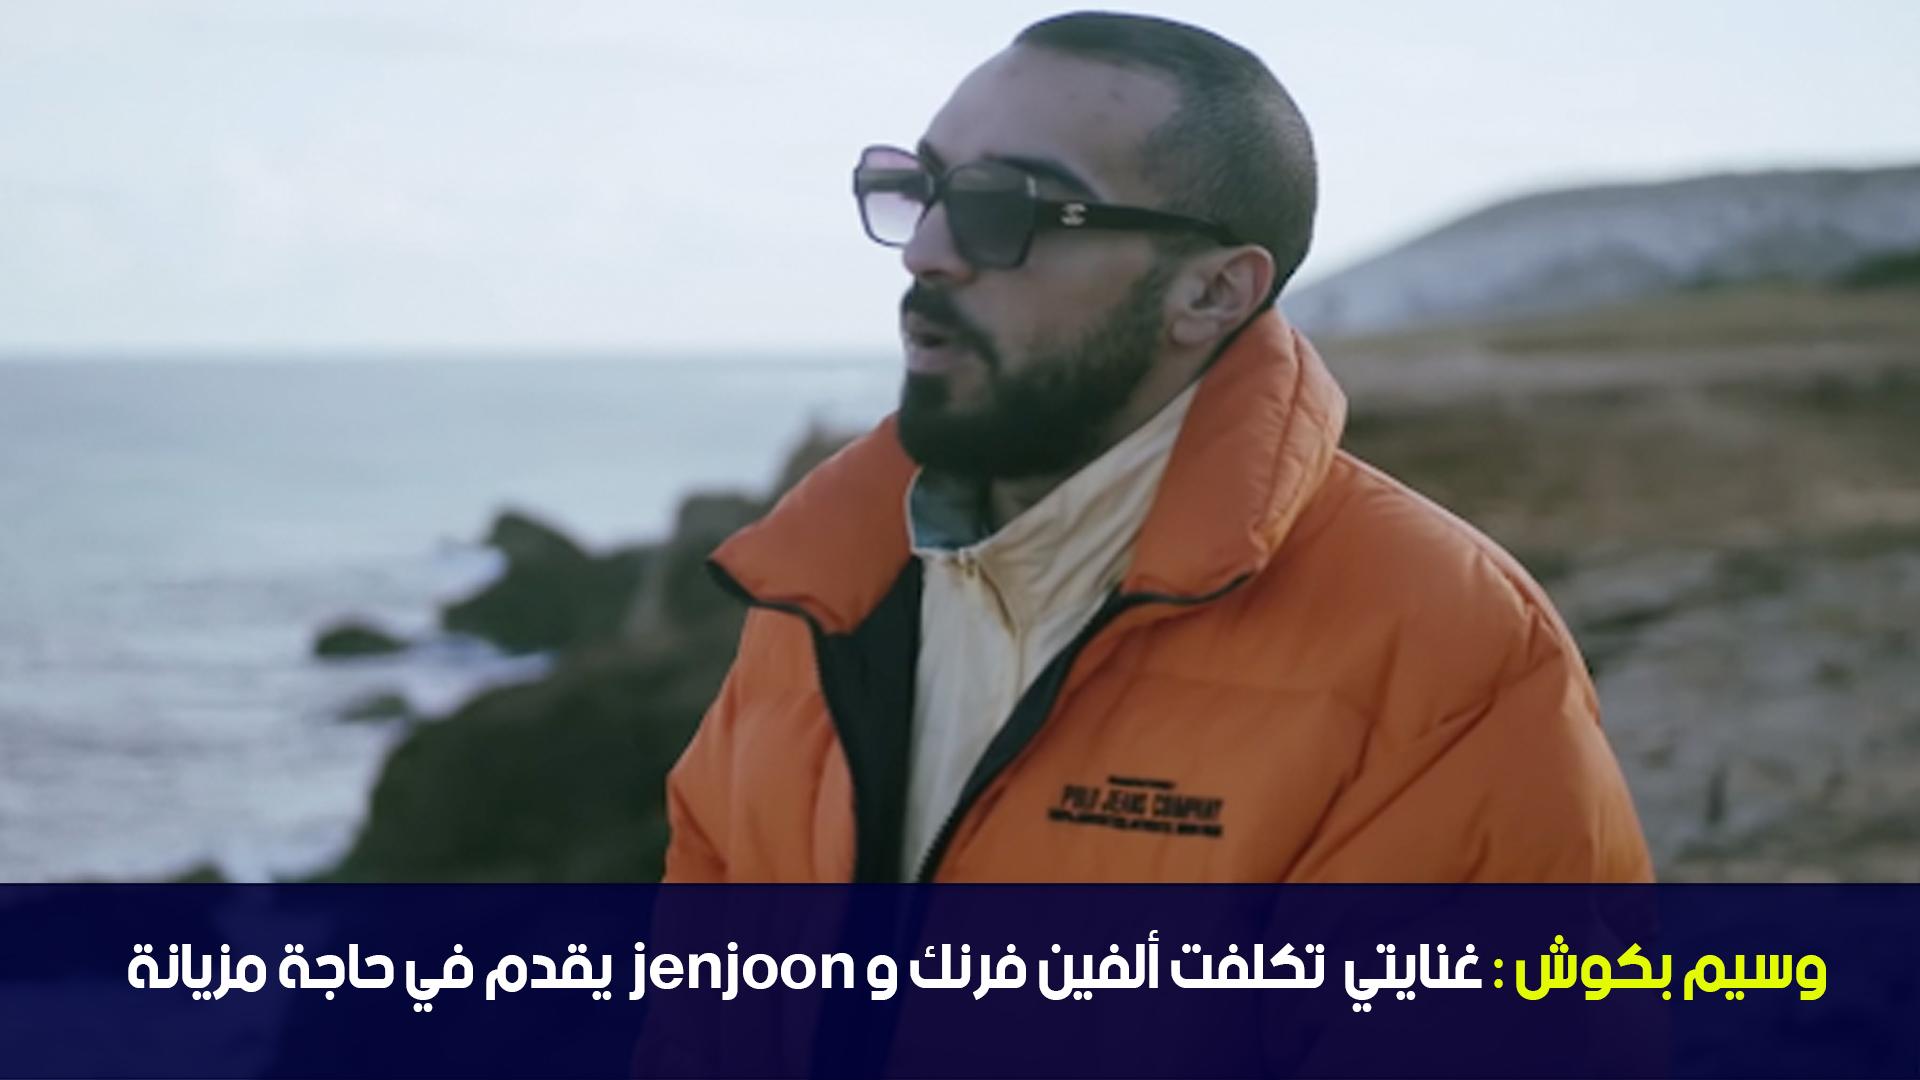 وسيم بكوش :غنايتي تكلفت ألفين فرنك و jenjoon يقدم في حاجة مزيانة